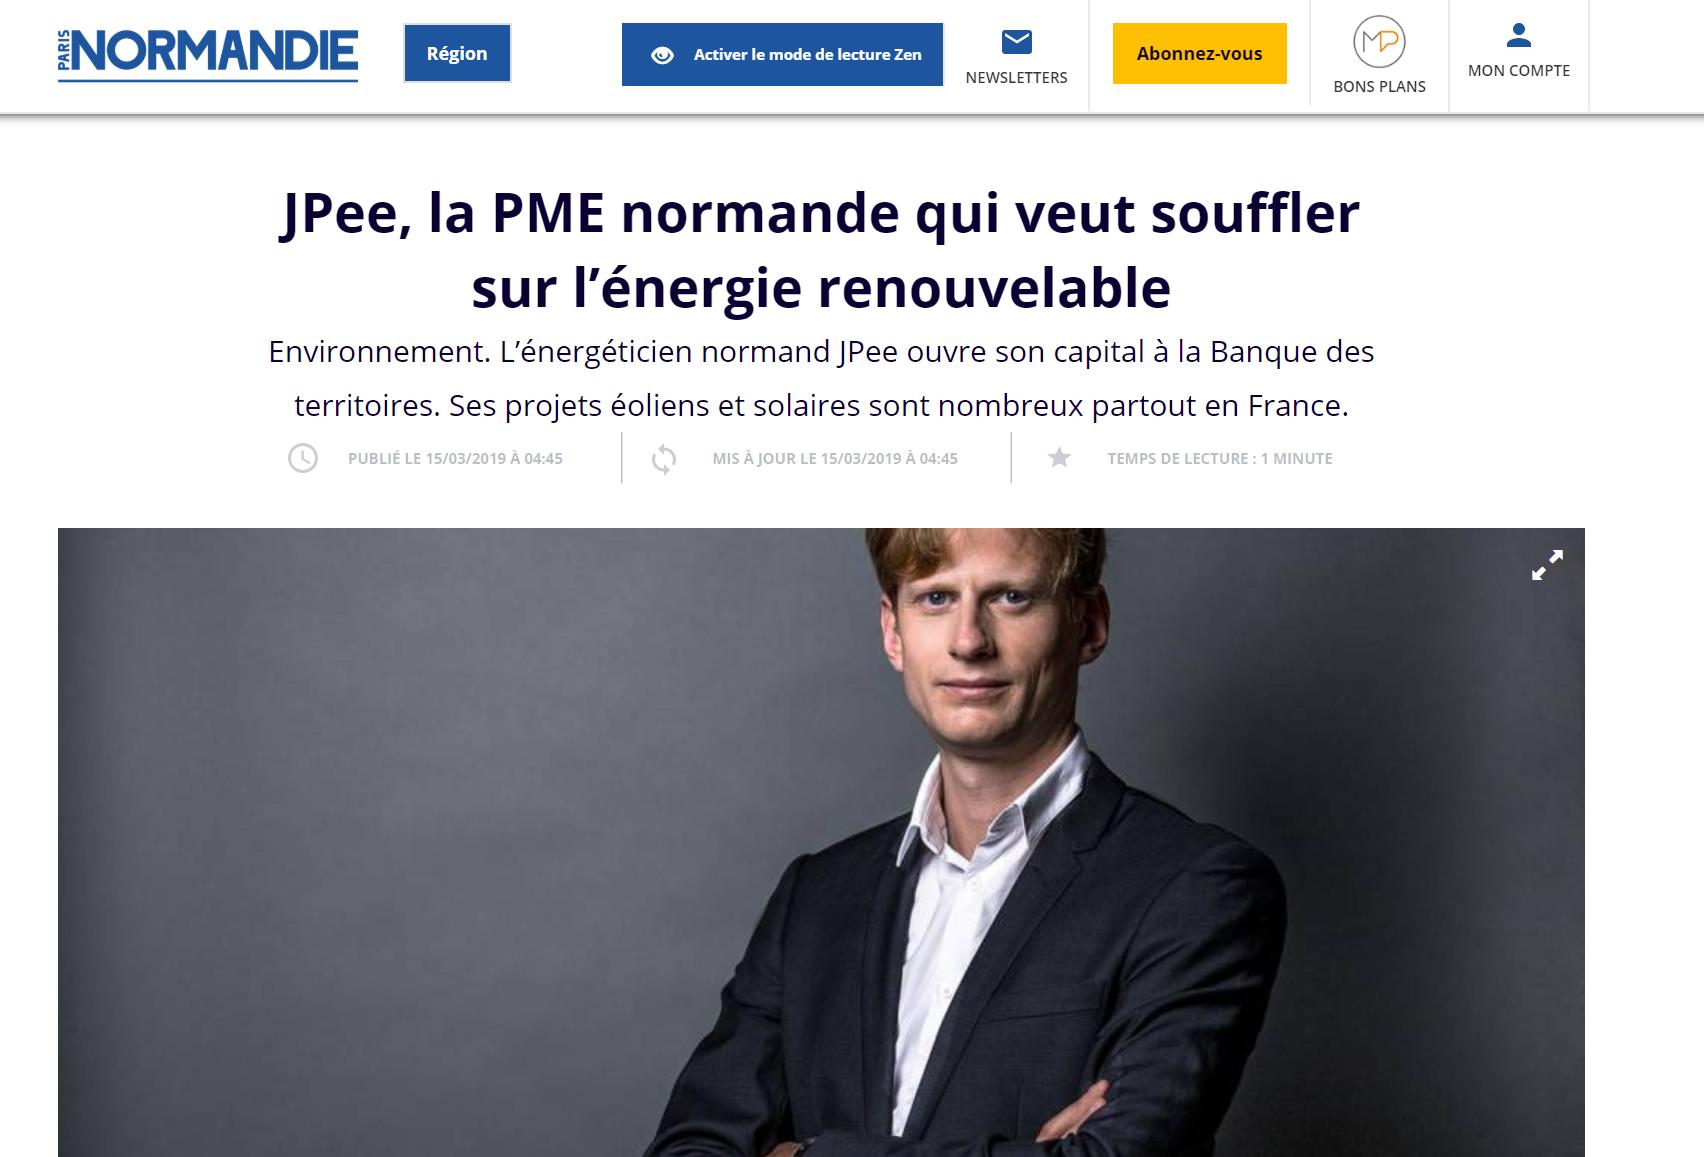 JPee, la PME normande qui veut souffler sur l'énergie renouvelable